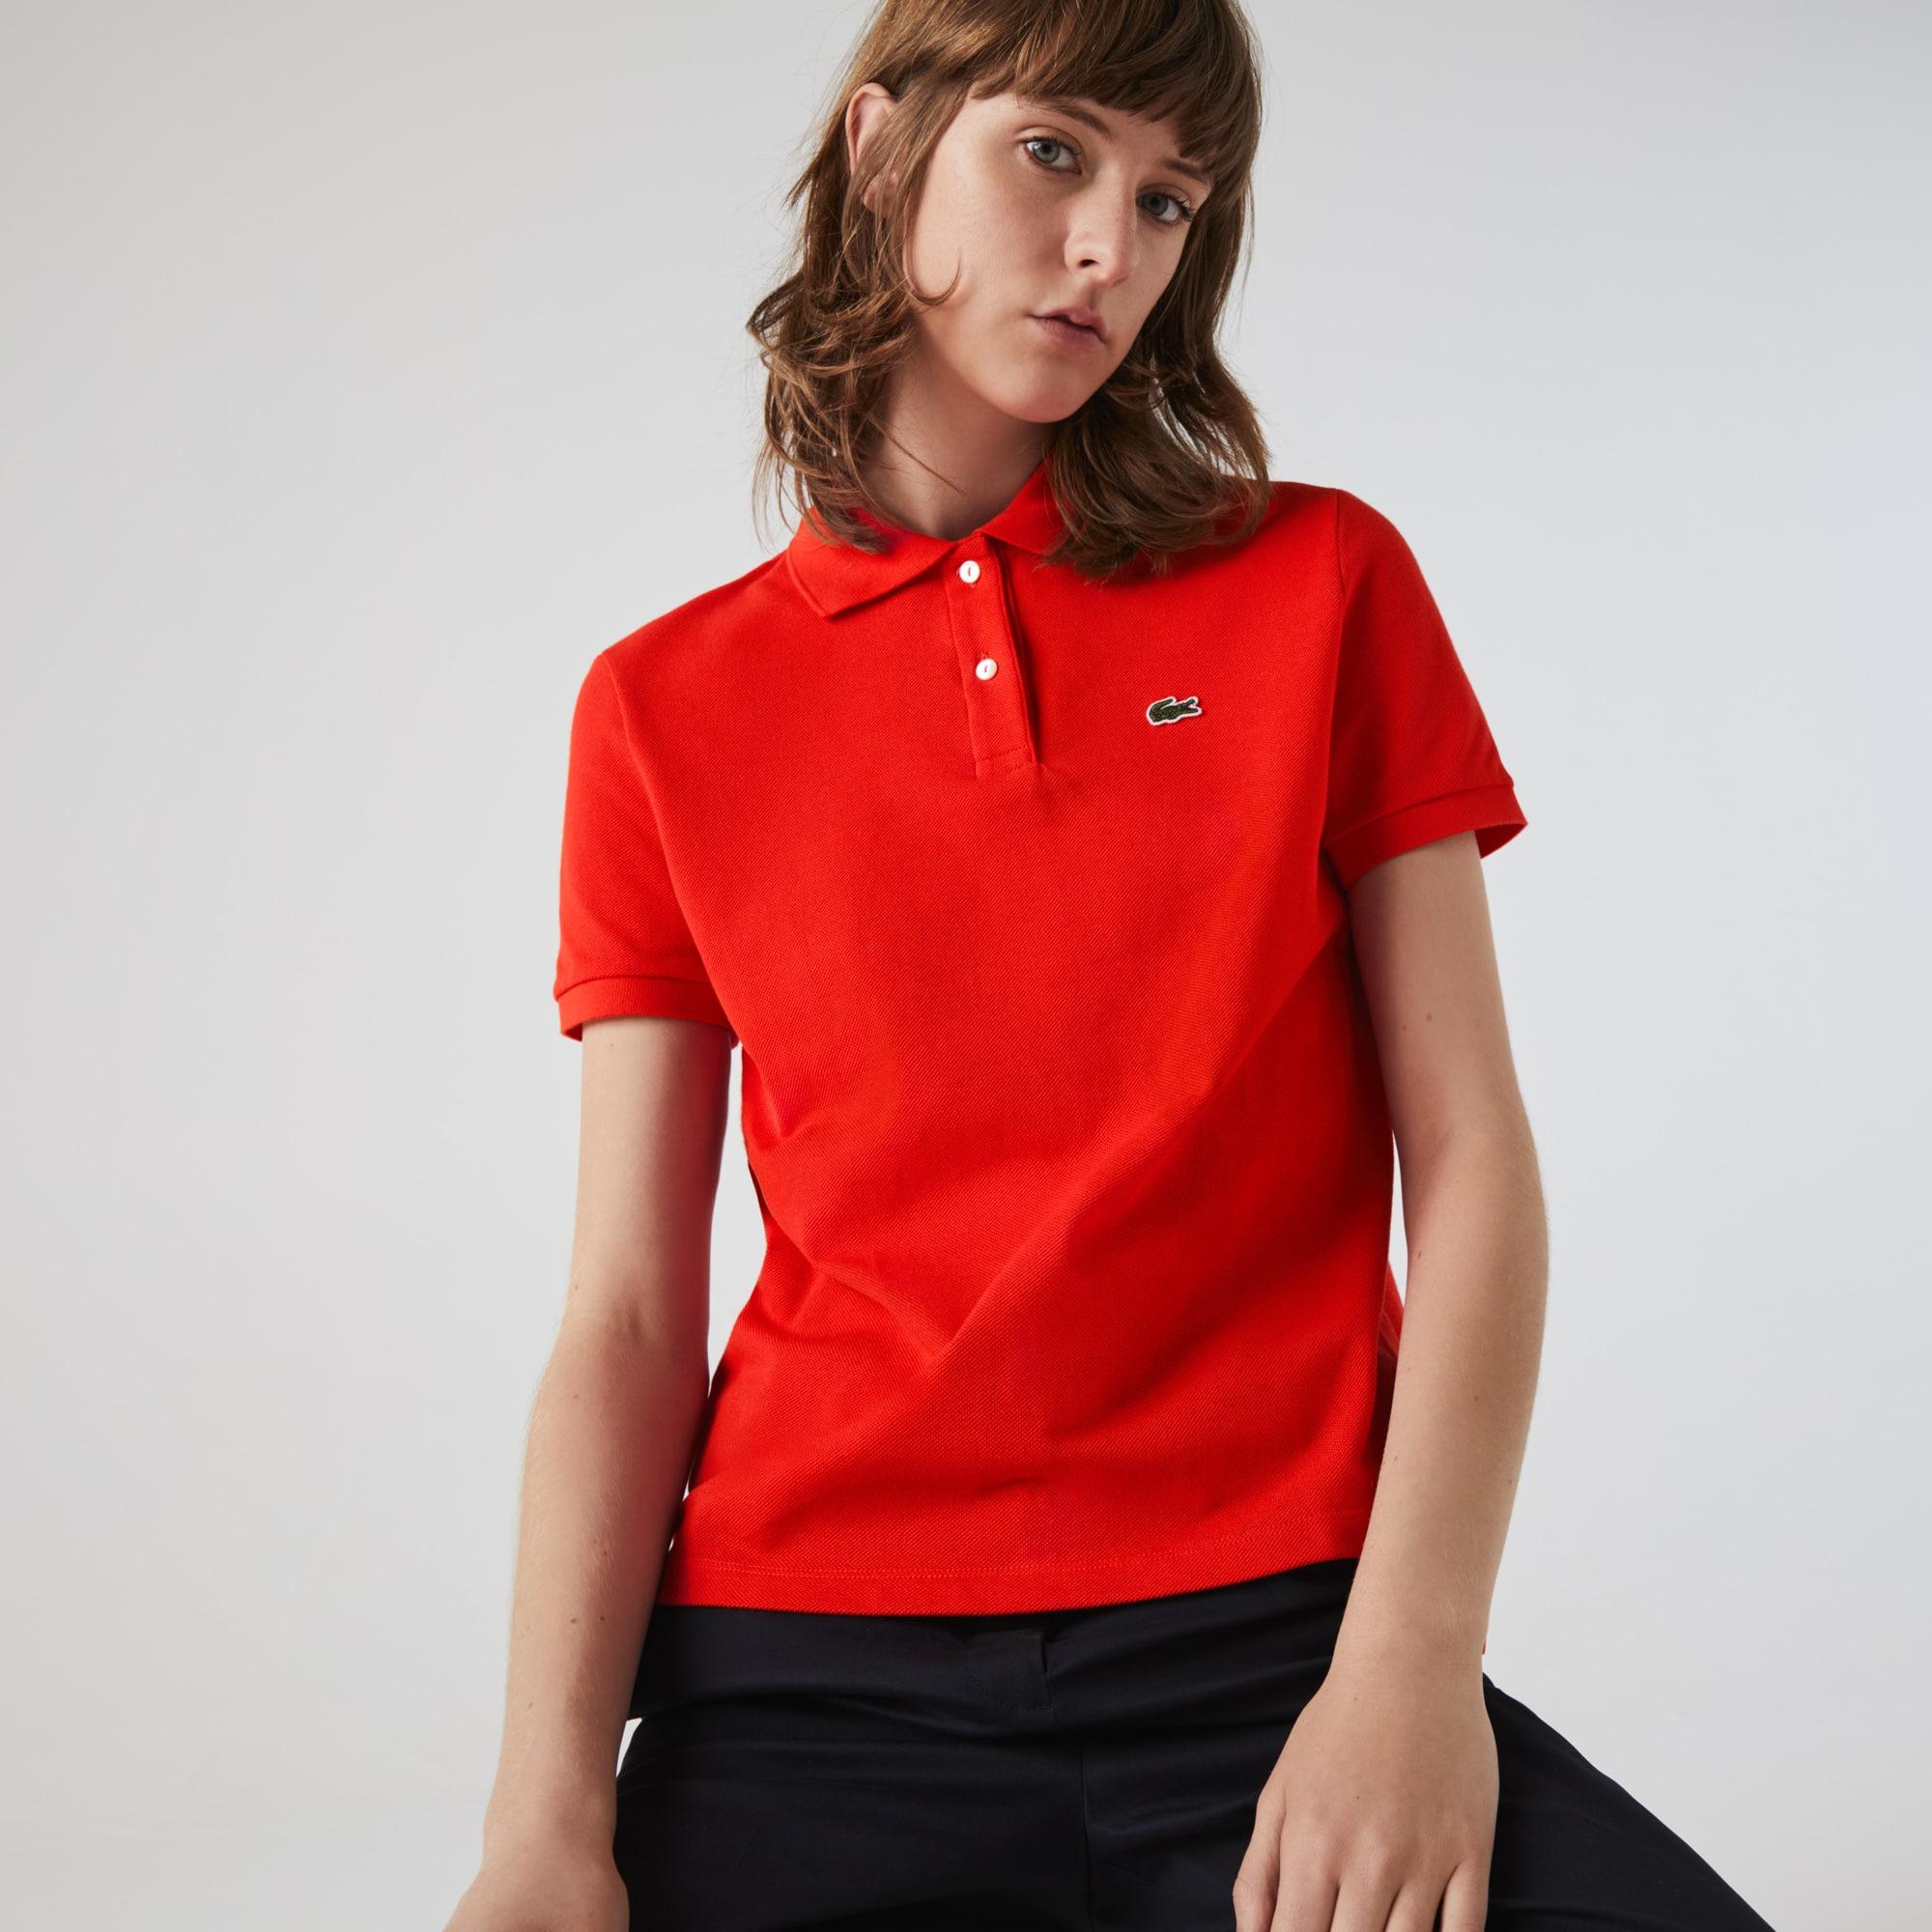 Lacoste Womens Classic Fit Soft Cotton Petit Pique Polo